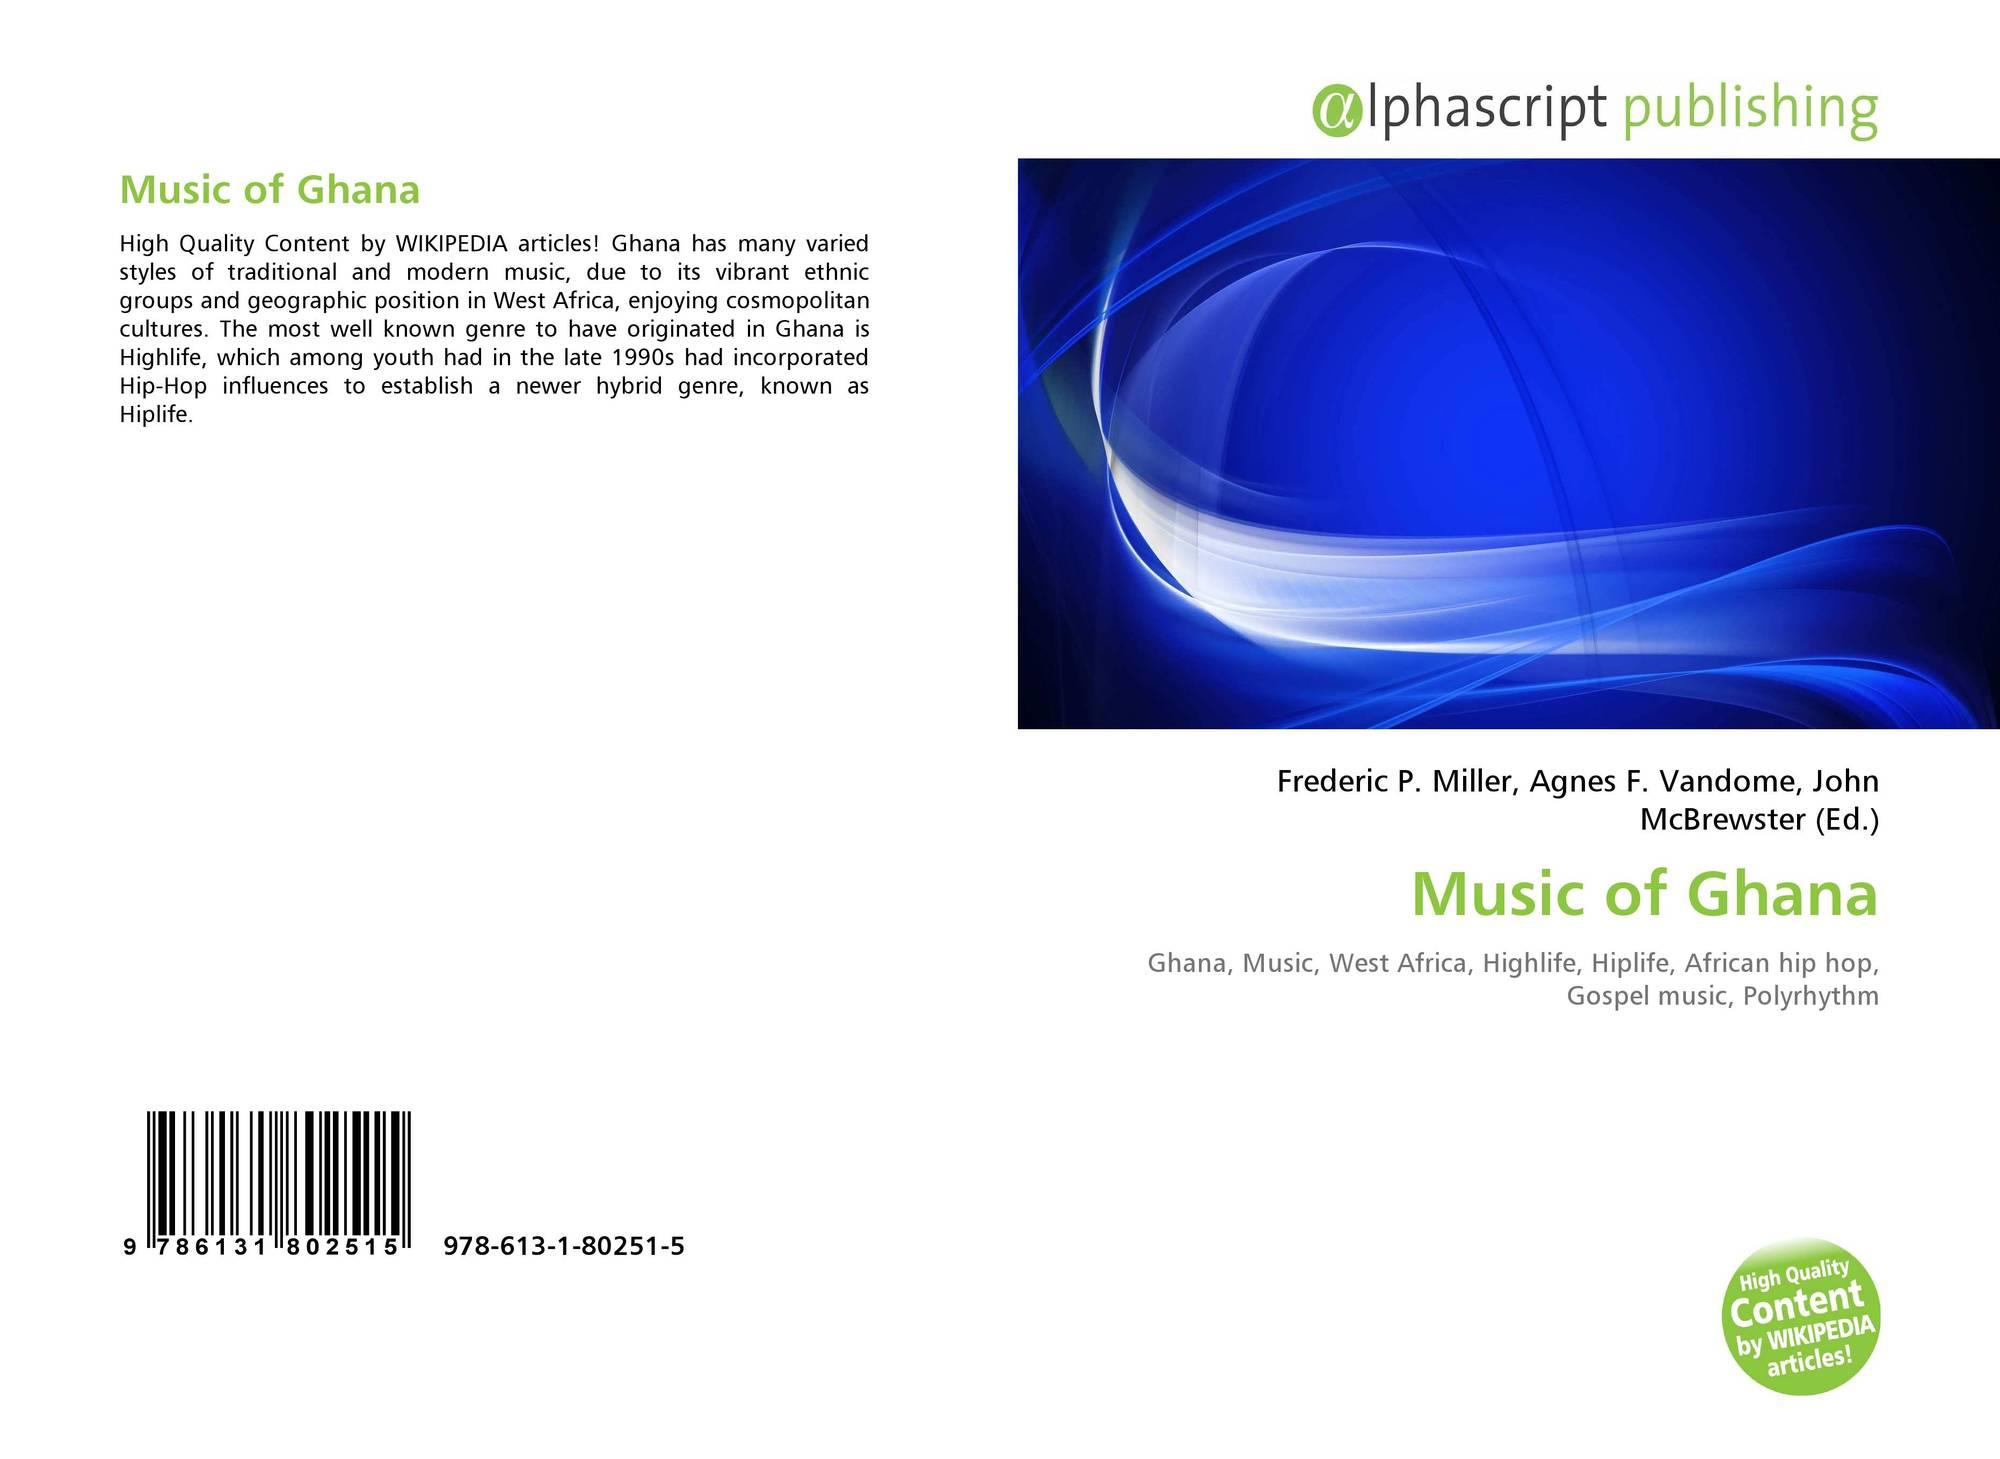 Music of Ghana, 978-613-1-80251-5, 6131802513 ,9786131802515